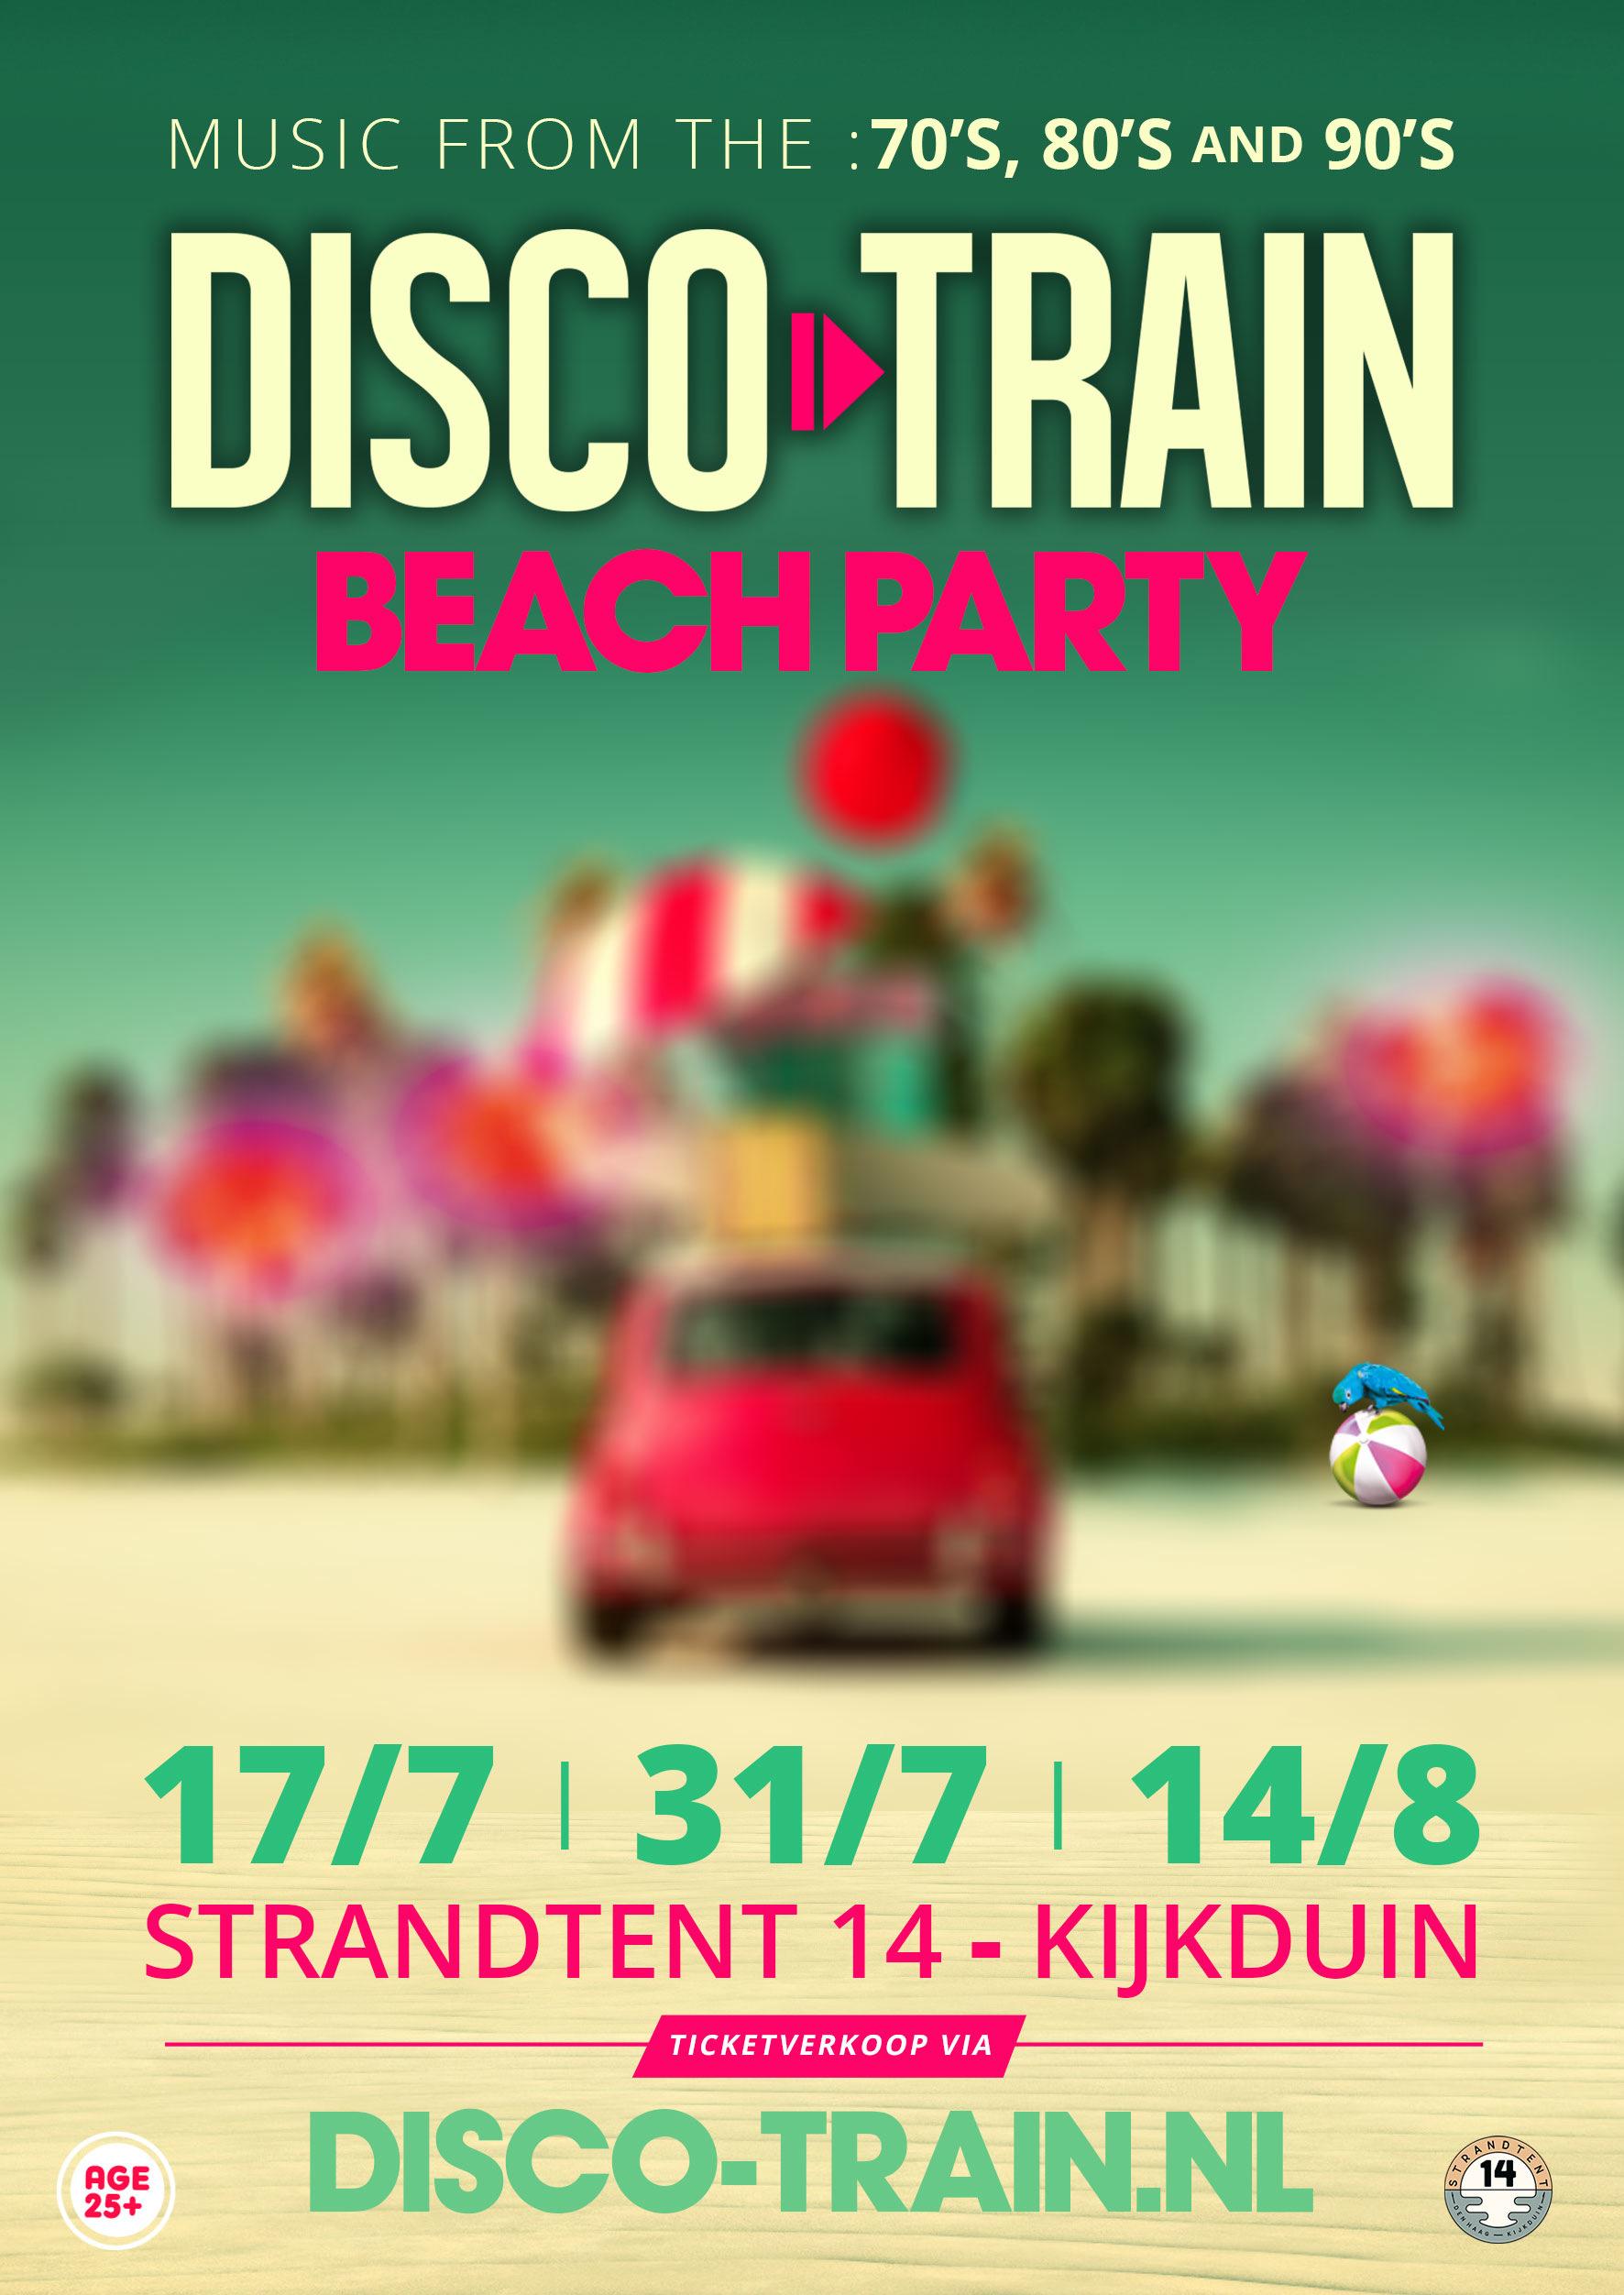 Disco-Train Beach Party